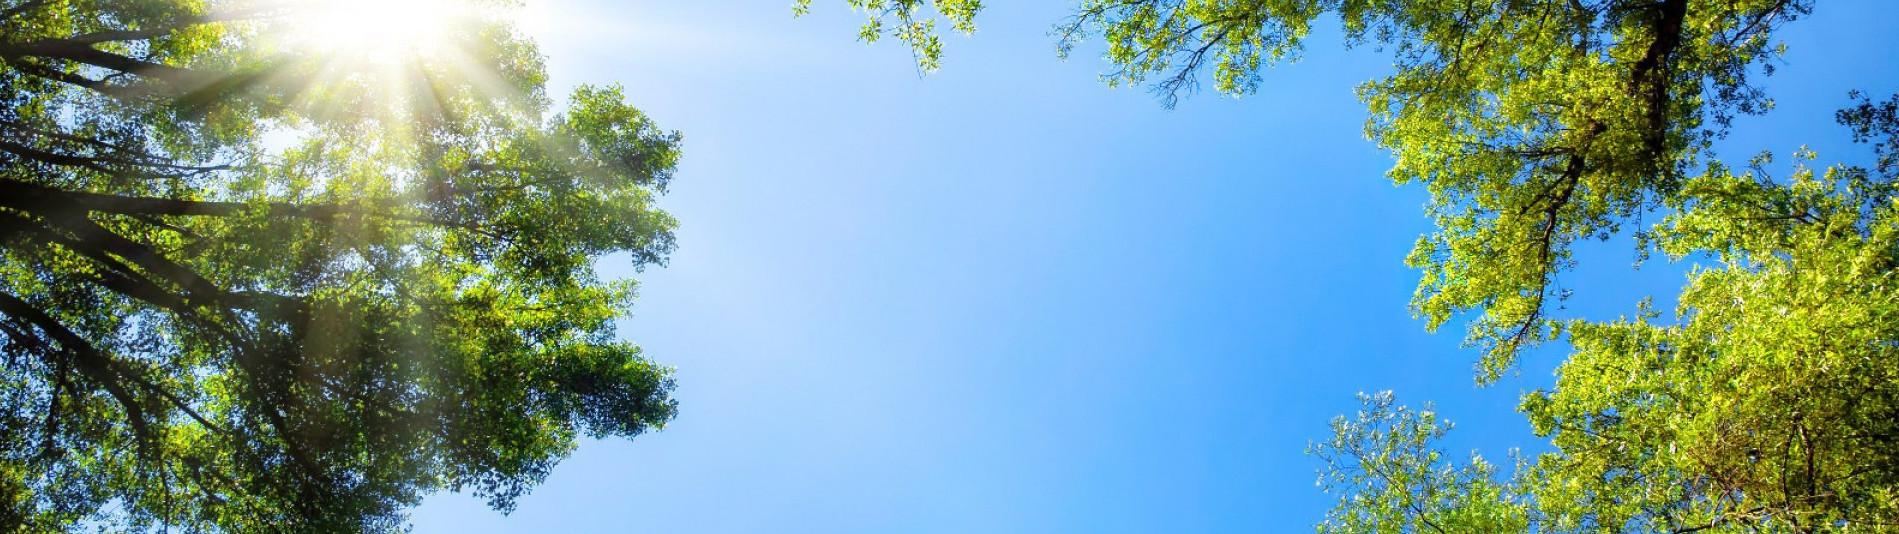 Sonnenschein auf Bäumen und PV Anlage